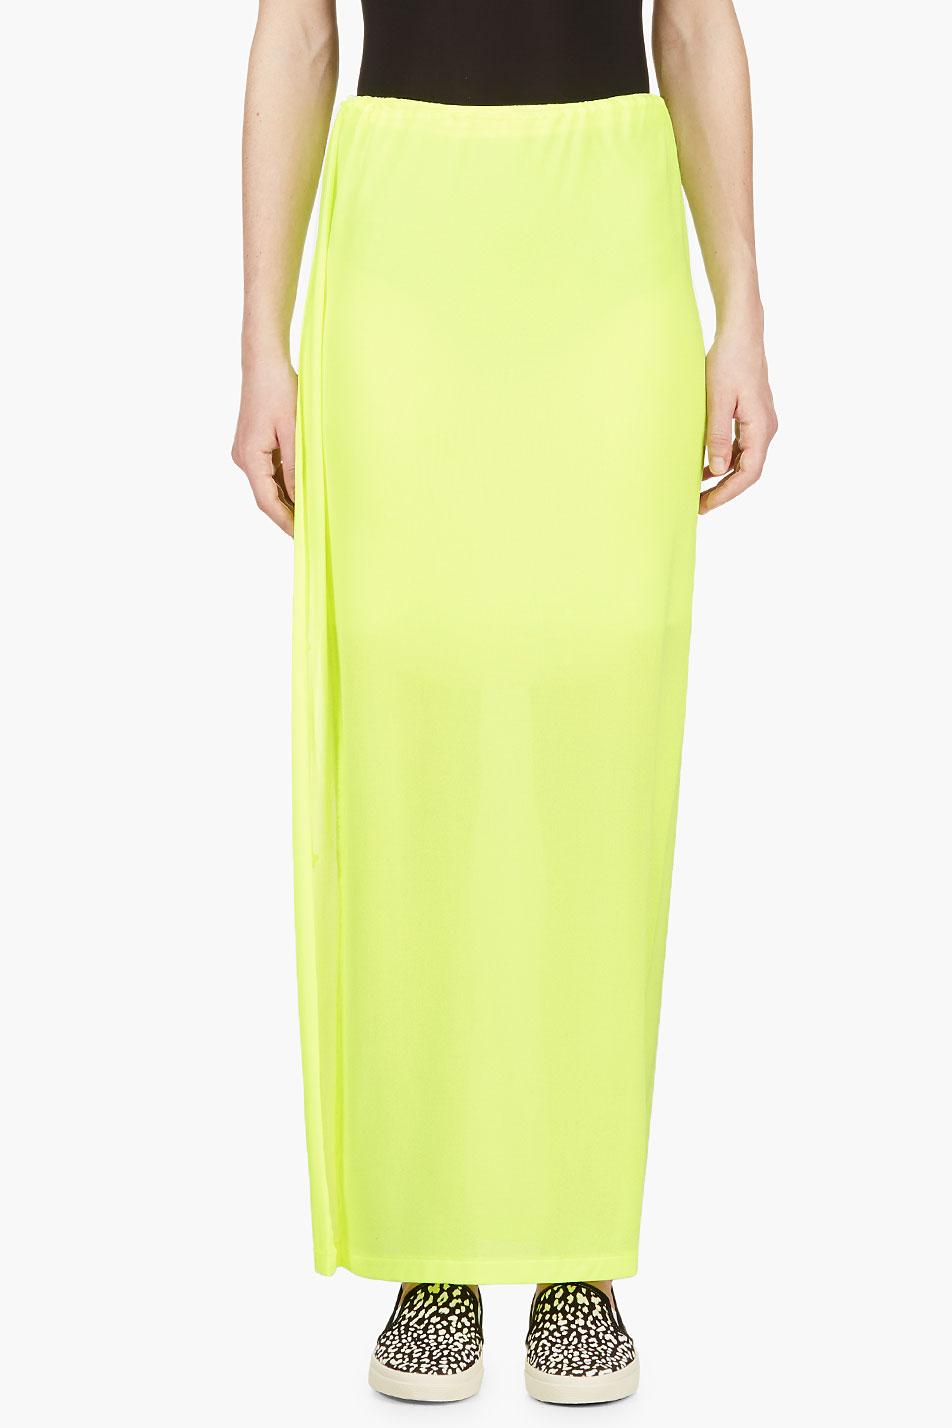 yohji yamamoto yellow neon maxi skirt